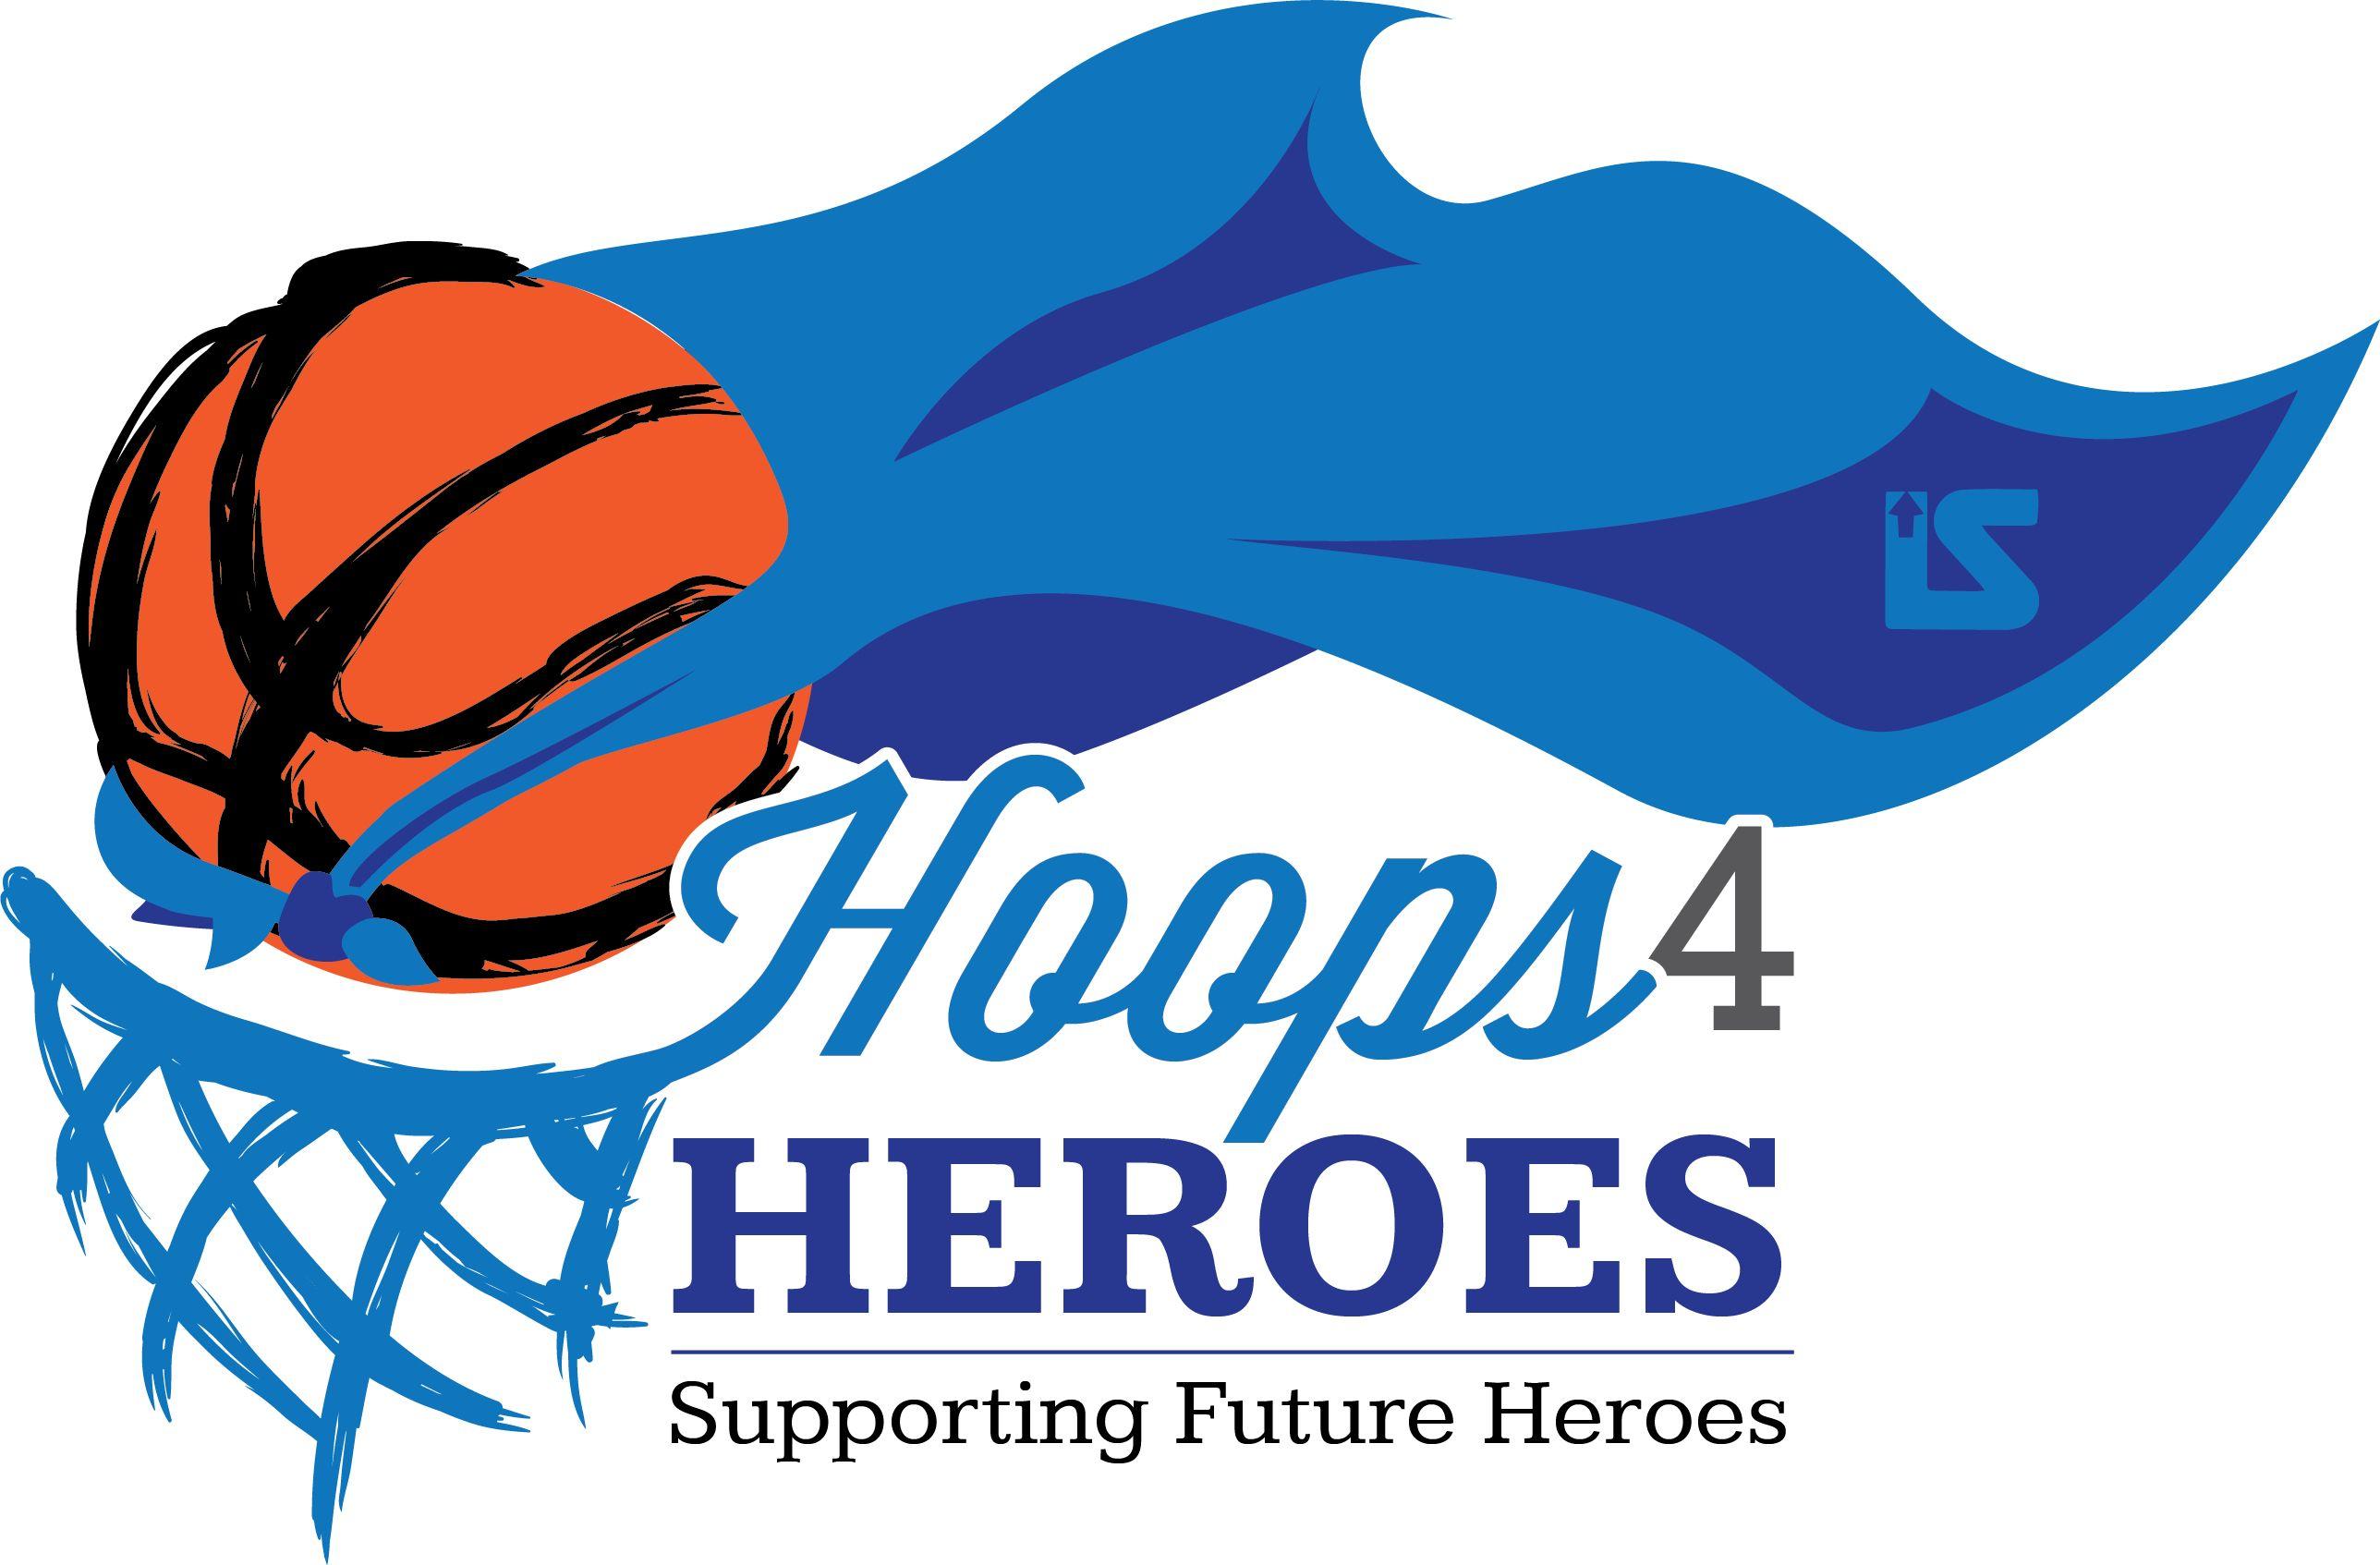 Hoops 4 Heroes